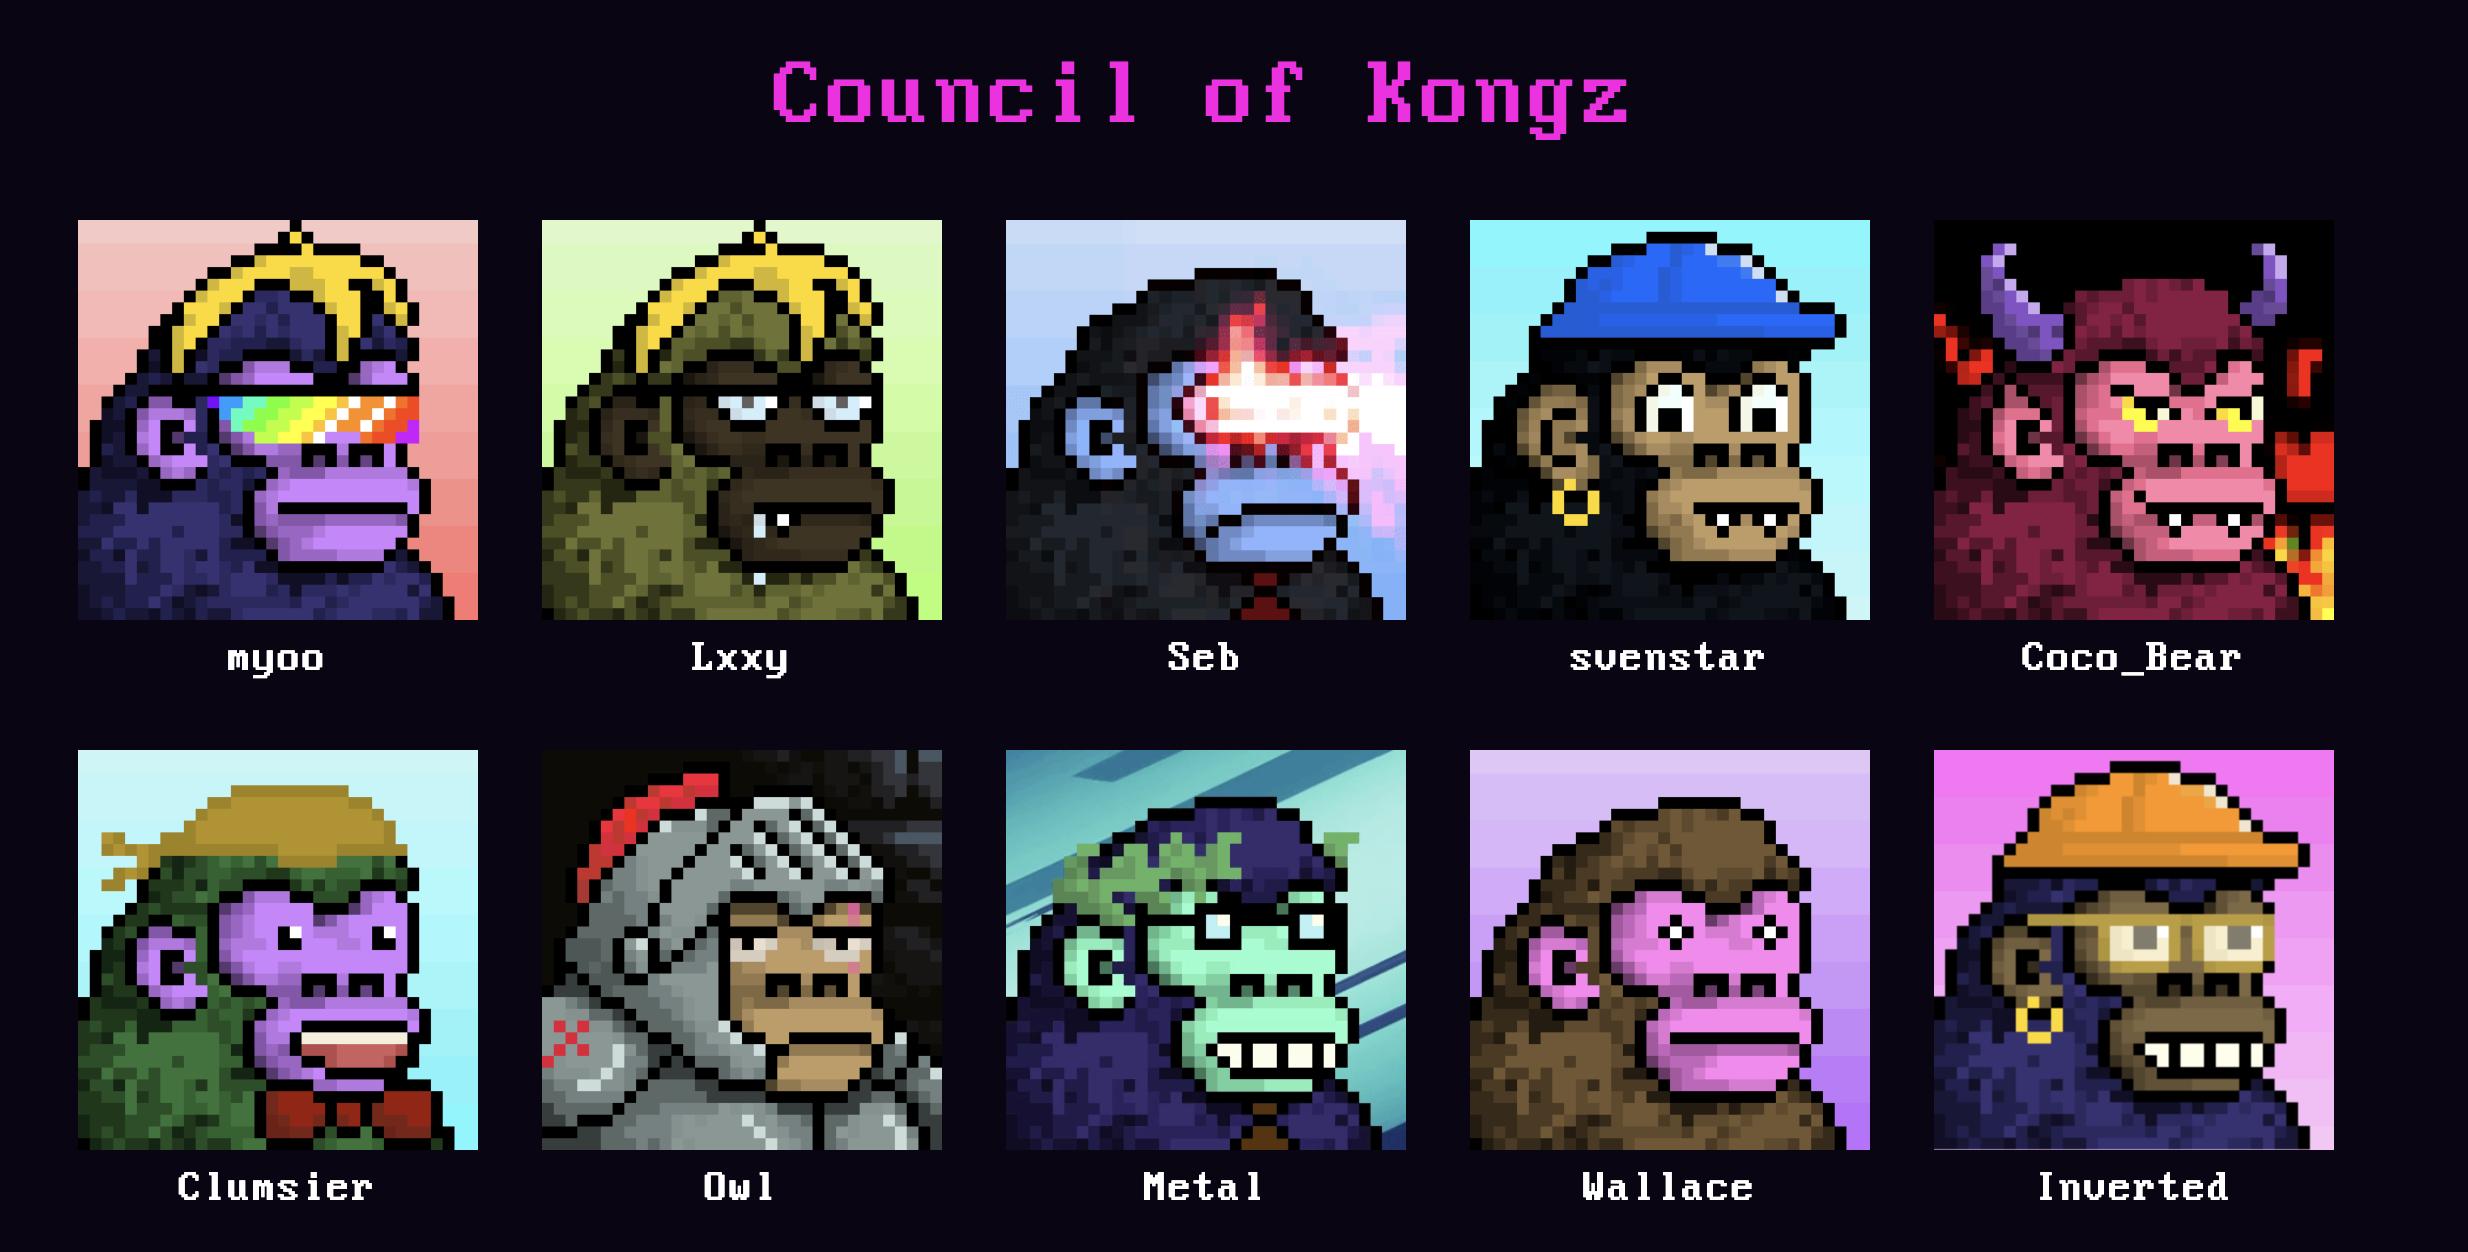 The Council of Kongz. Source: CyberKongz